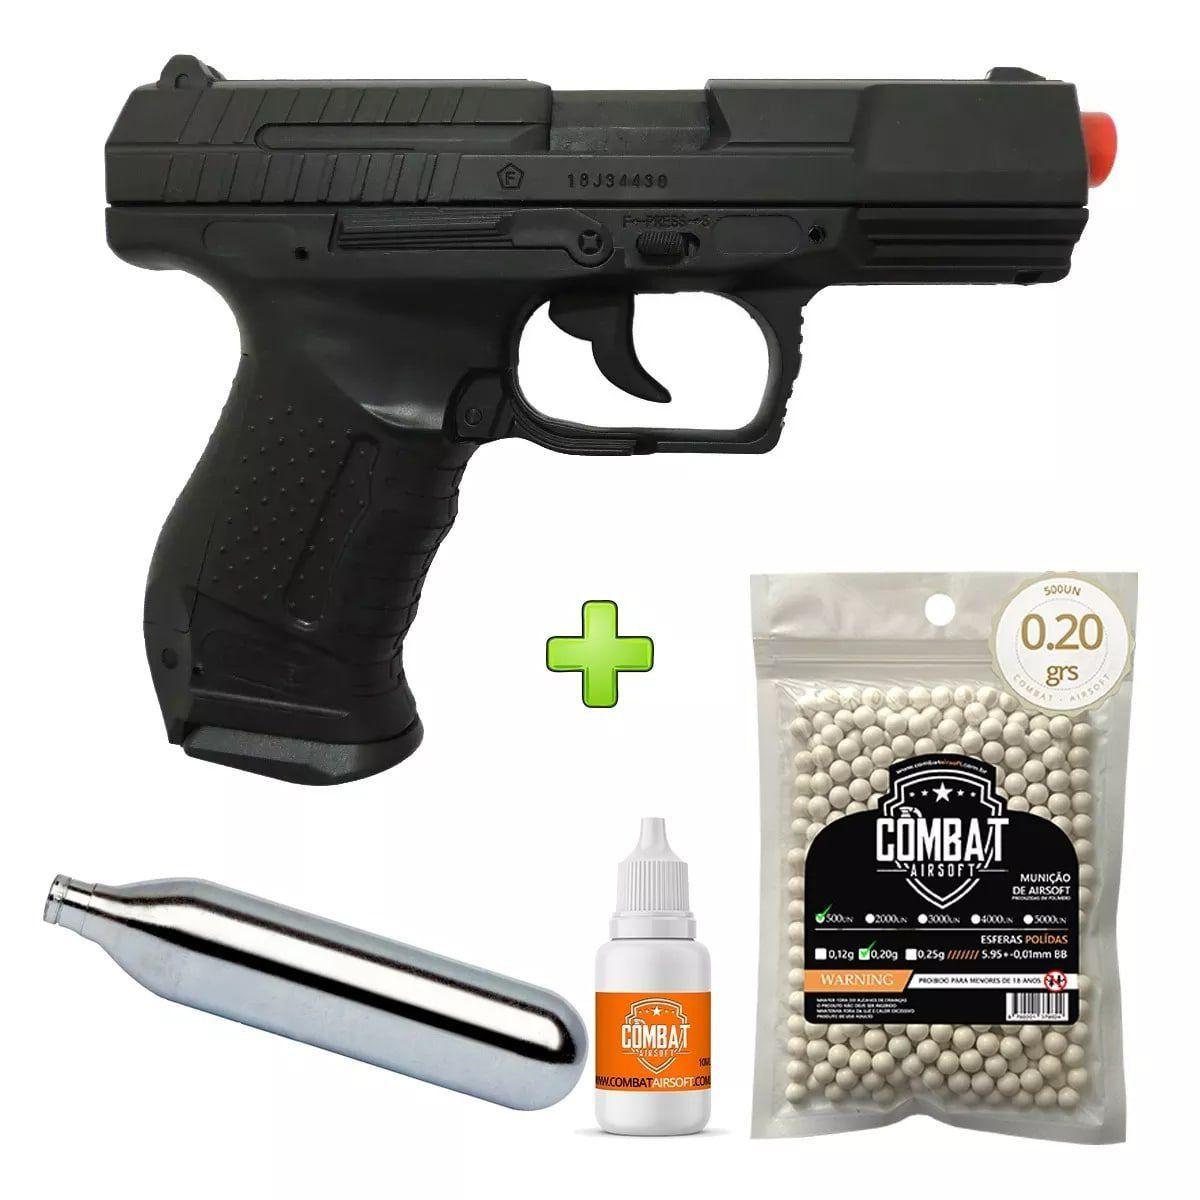 Pistola Airsoft Walther P99 Umarex Licenciada Com Marcações